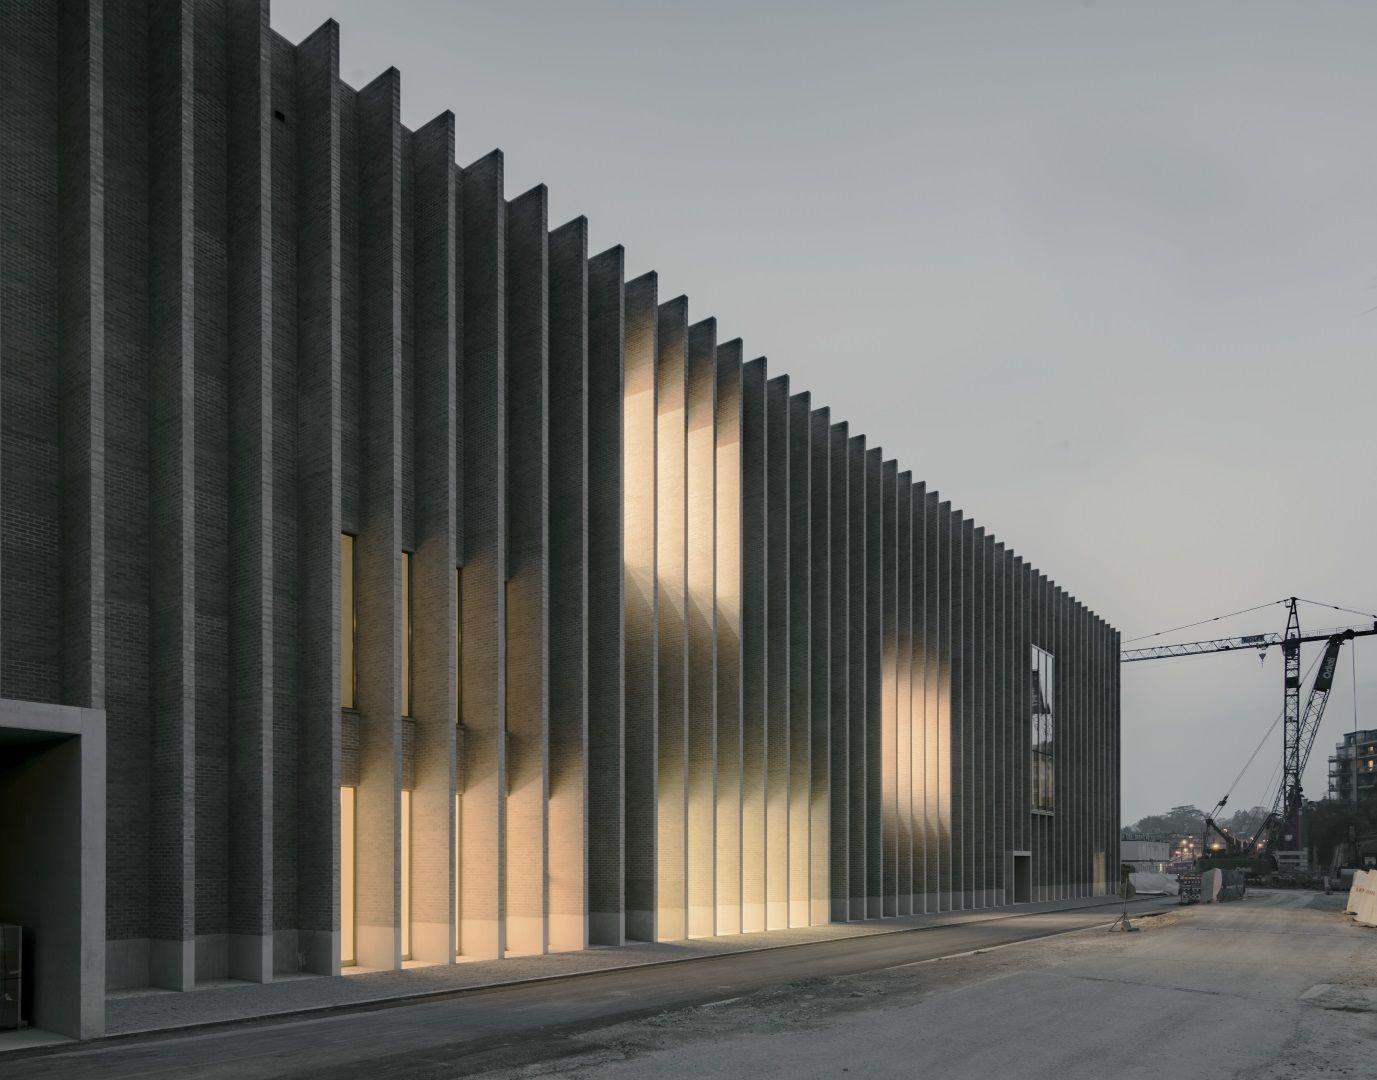 Музей образотворчих мистецтв в Лозанні(Швейцарія).